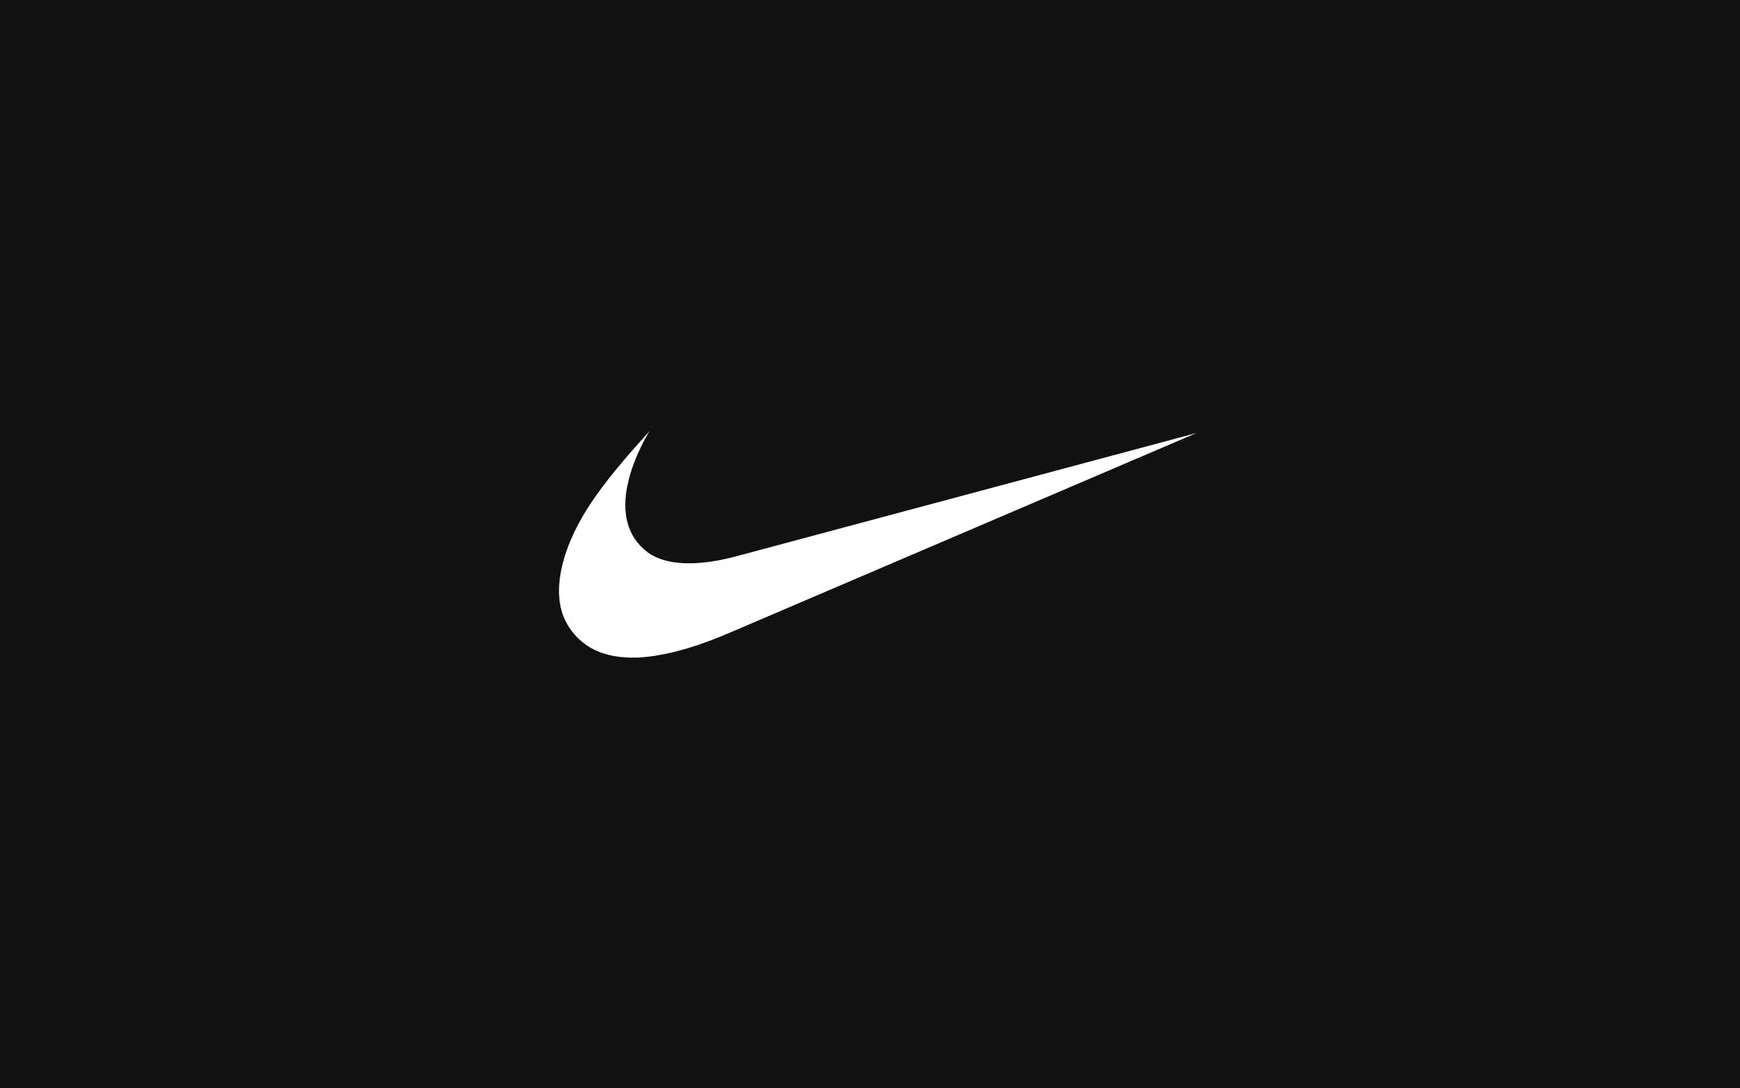 La prochaine publicité Nike pourrait naître du cerveau d'un ordinateur. © Nike